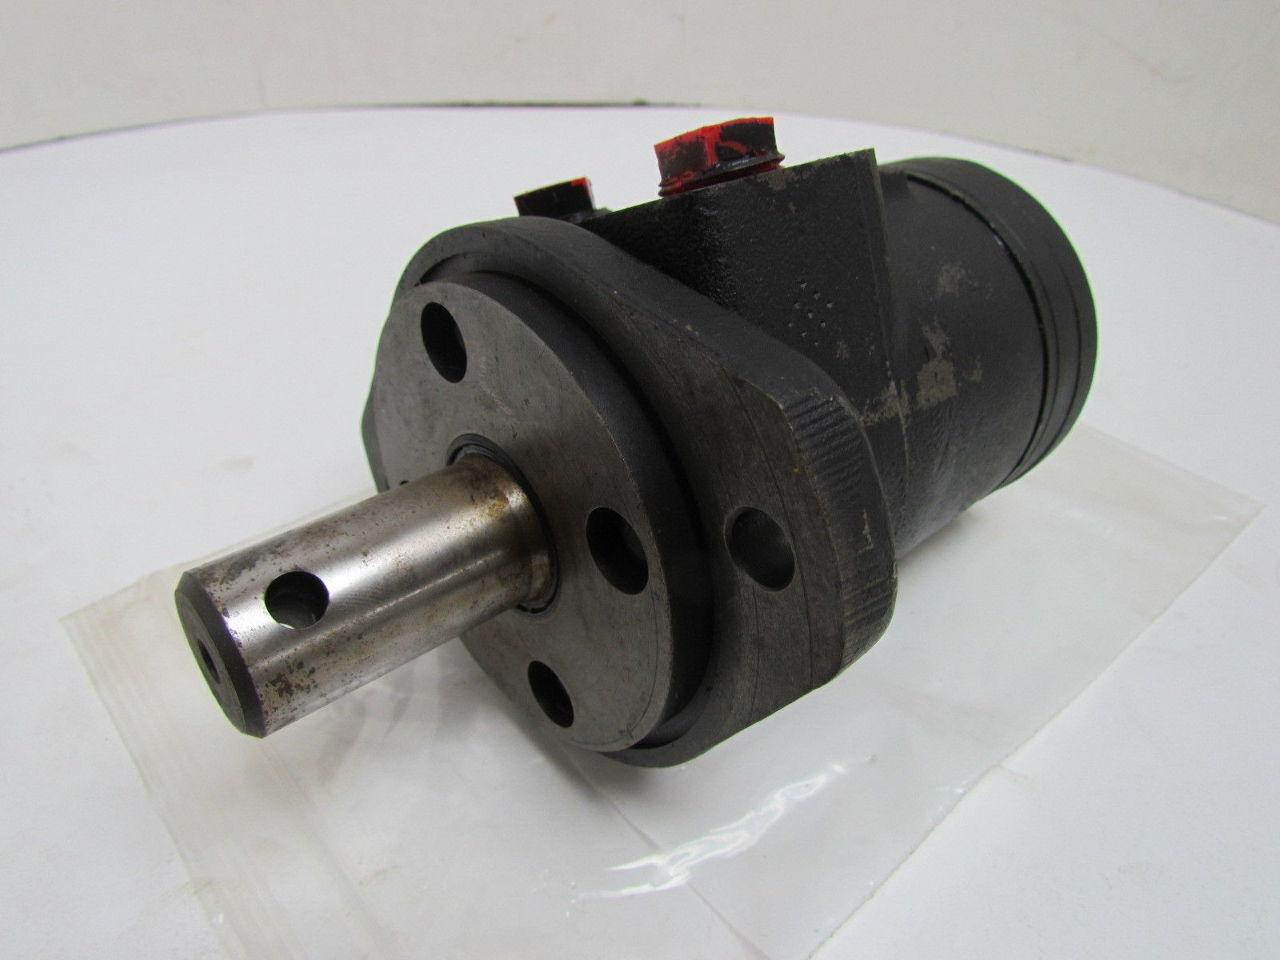 Char lynn 190 124 1005 007 hydraulic motor bullseye for Char lynn hydraulic motor repair